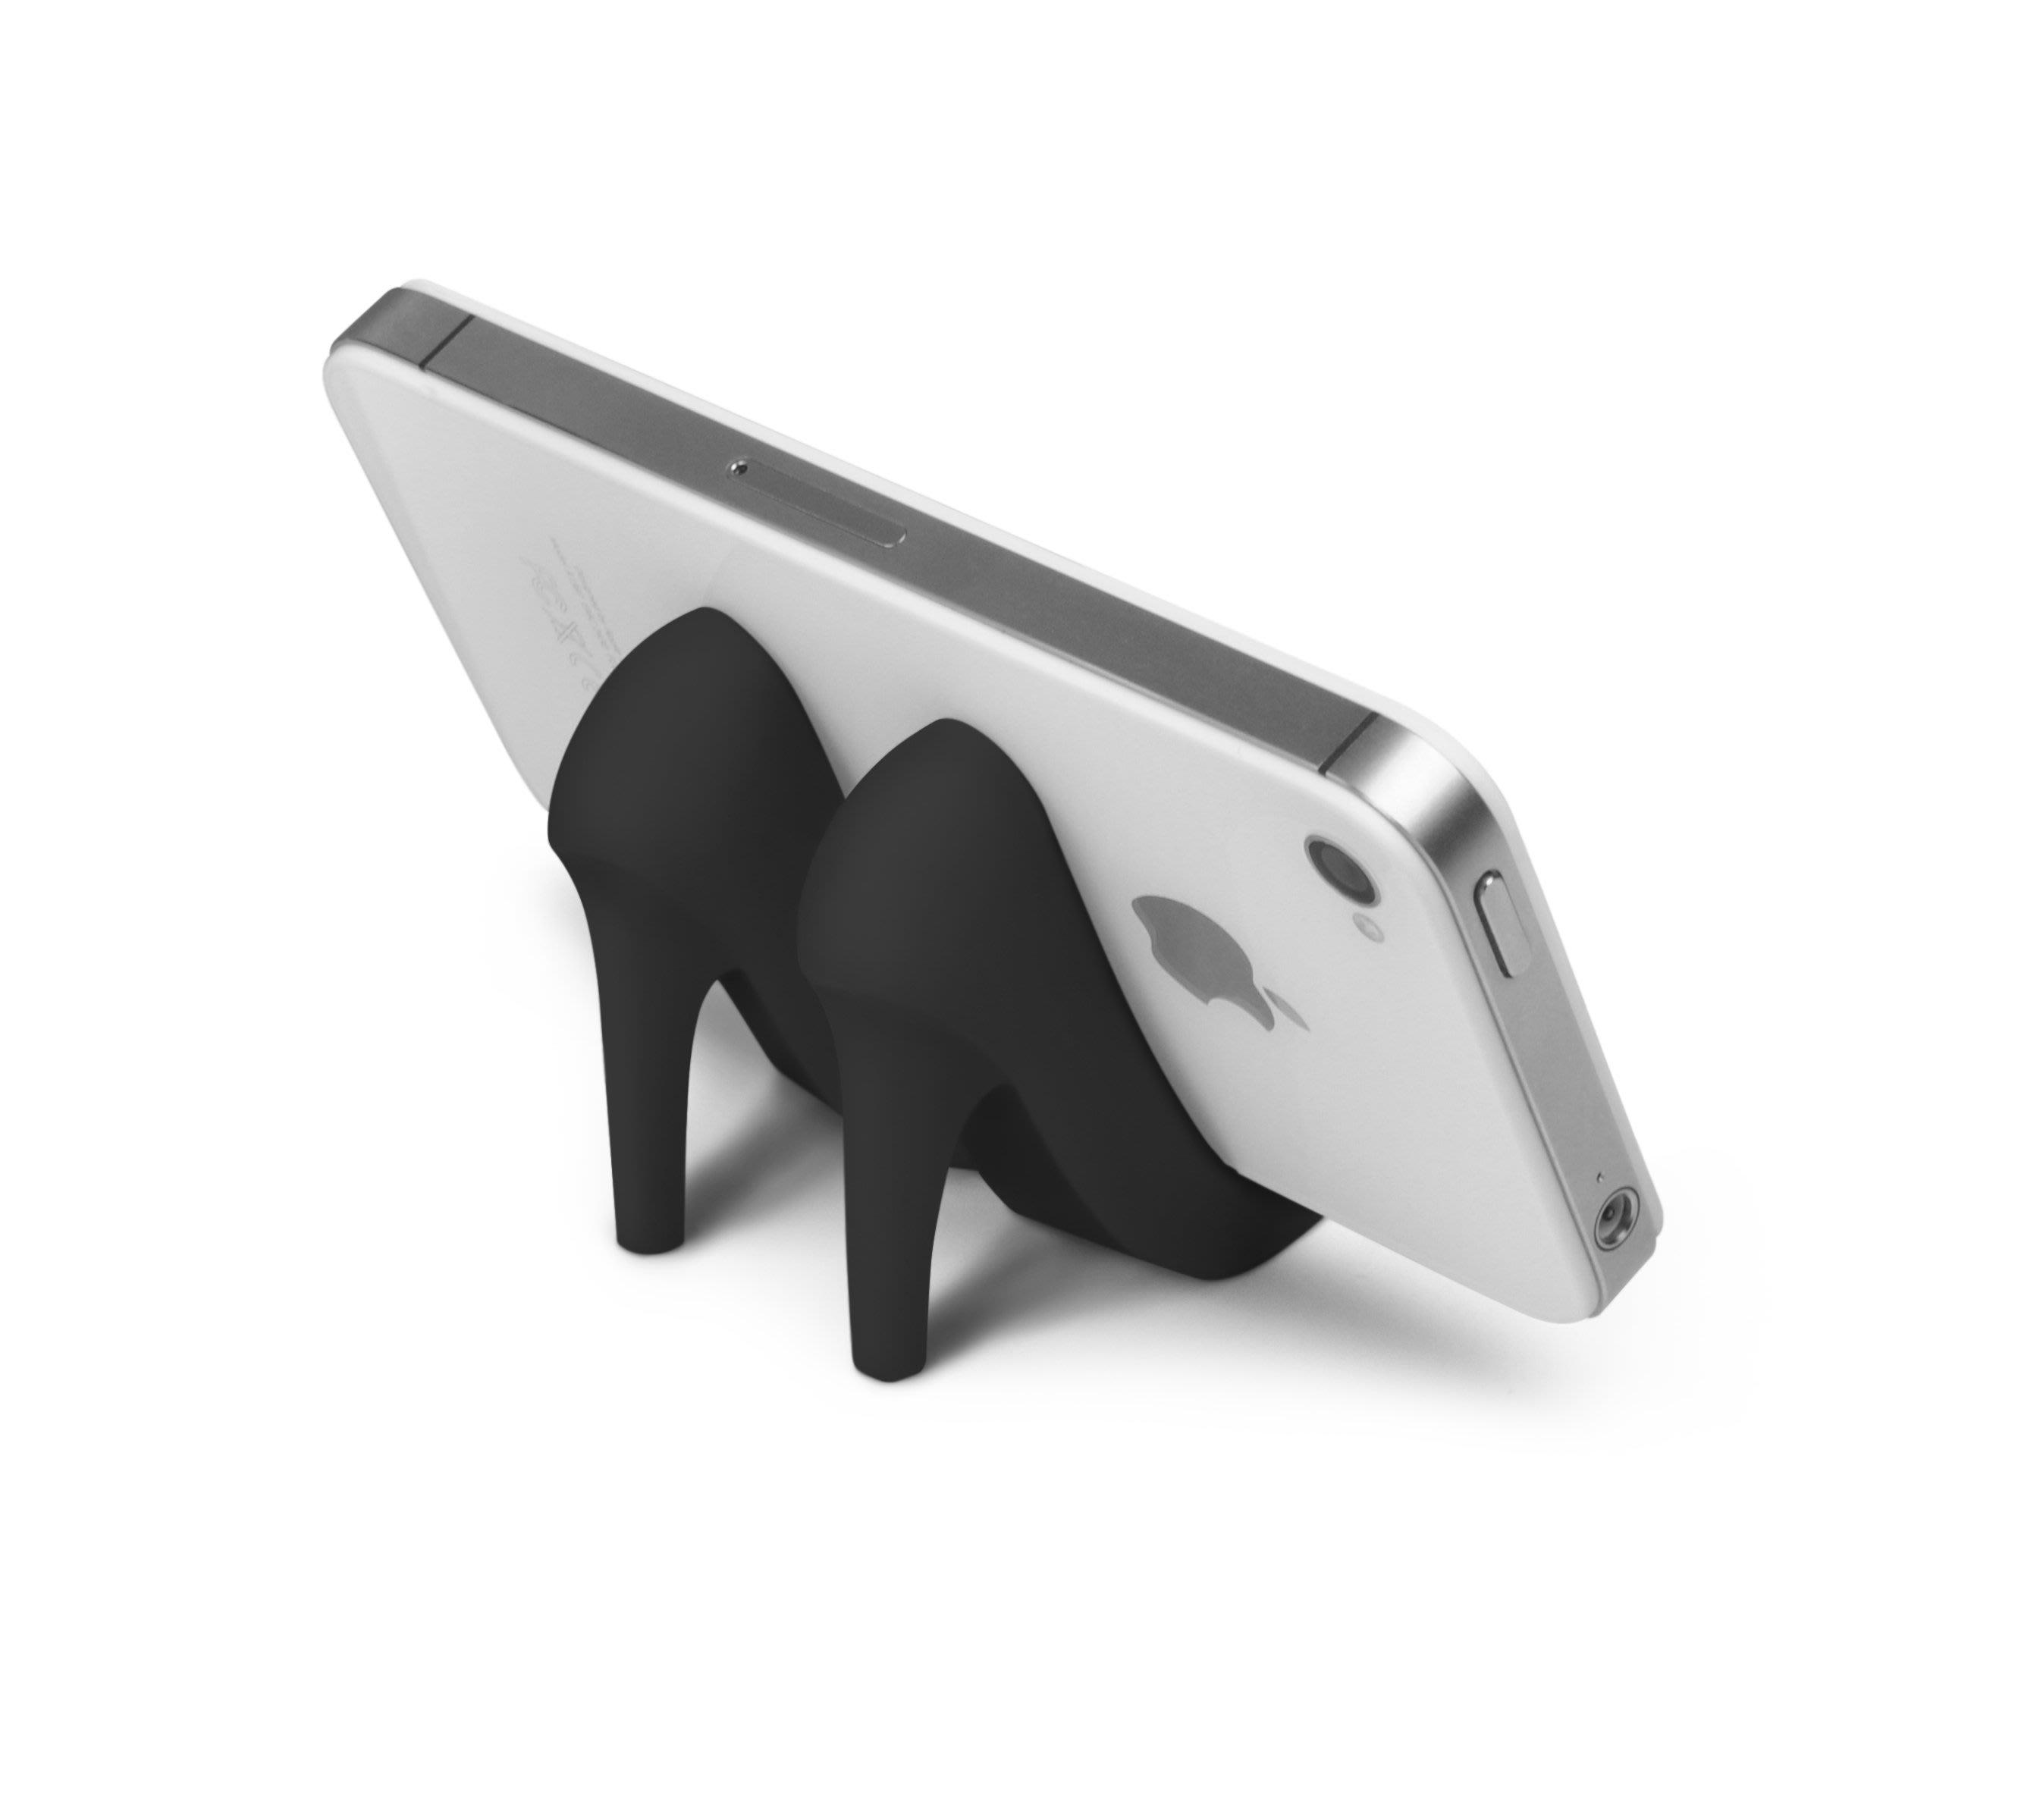 美國Fred & Friends黑色魅力高跟鞋手機座(A Fashionable iphone Stand)